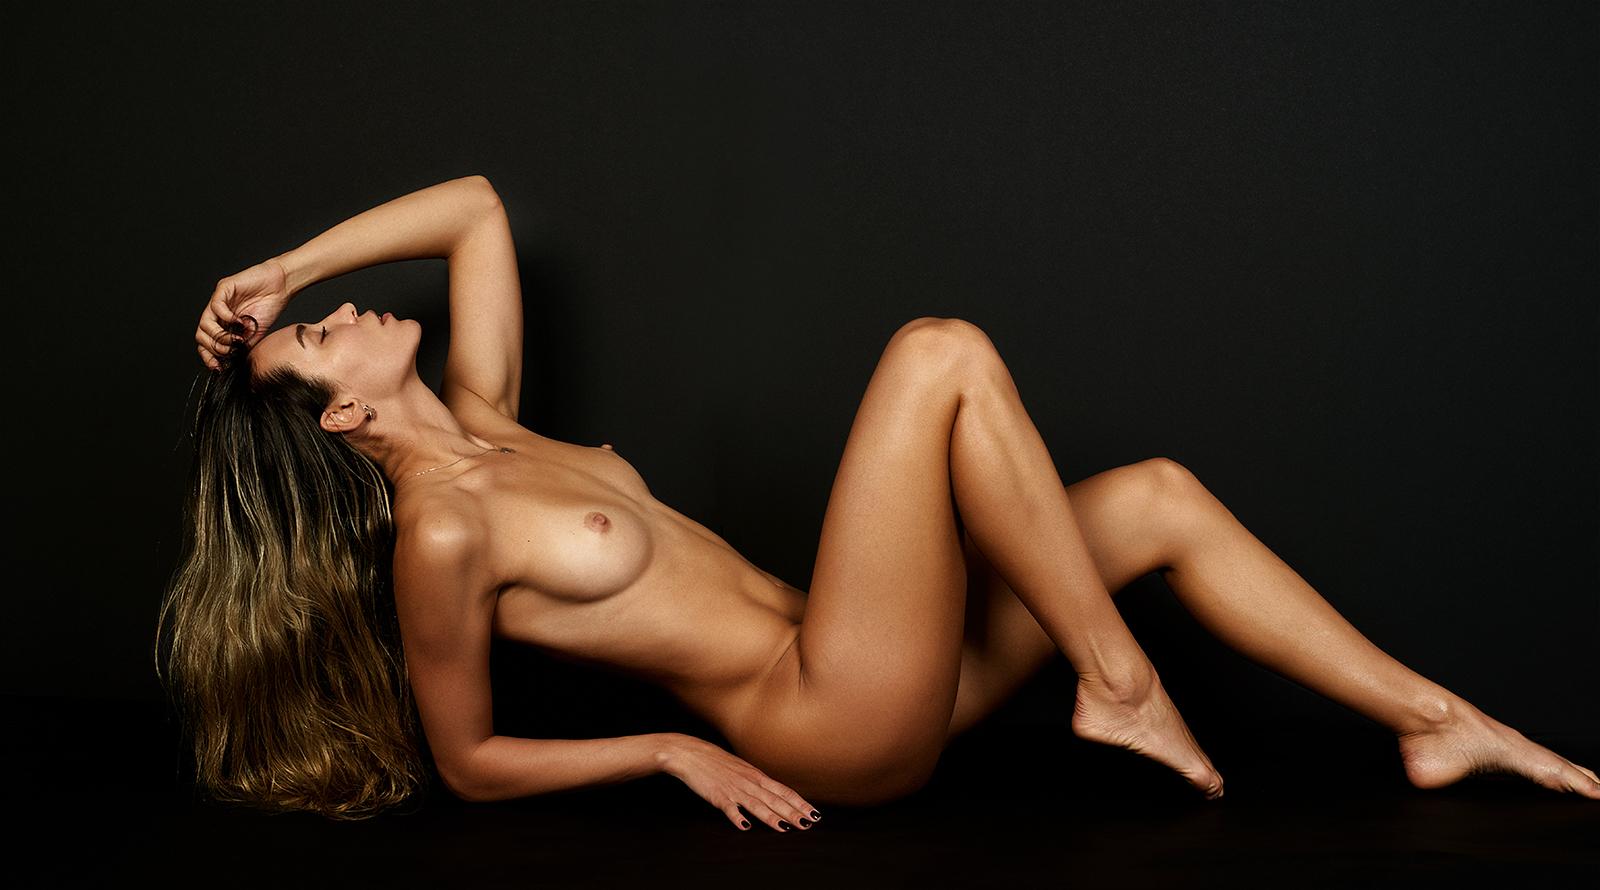 Emily Meyzinger